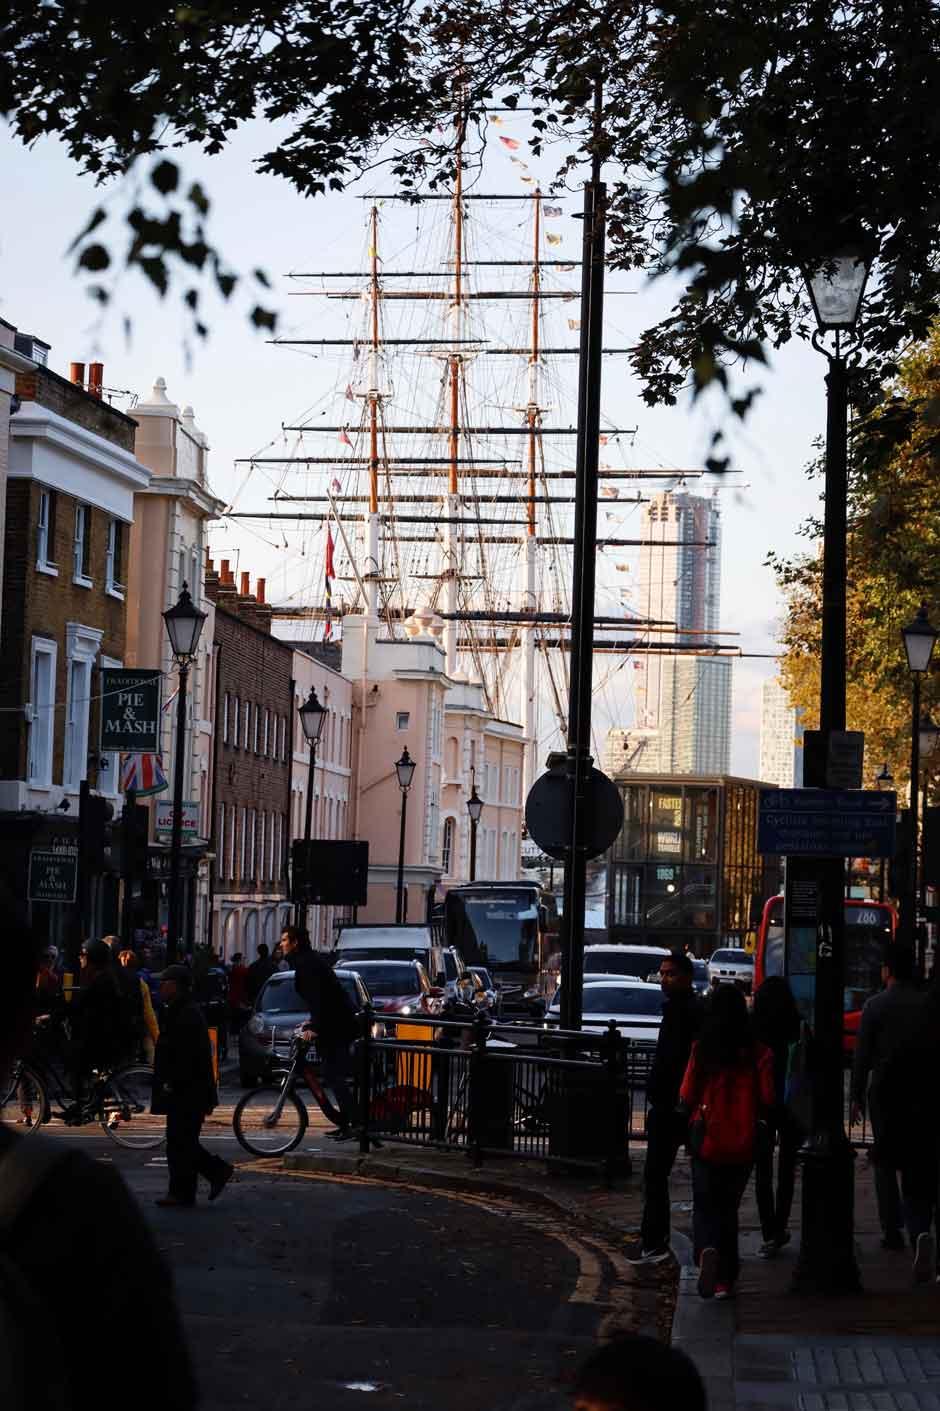 En Tu Gran Viaje a Londres, no puedes dejar de visitar el Cutty Sark, uno de los iconos imprescindibles de la capital inglesa.